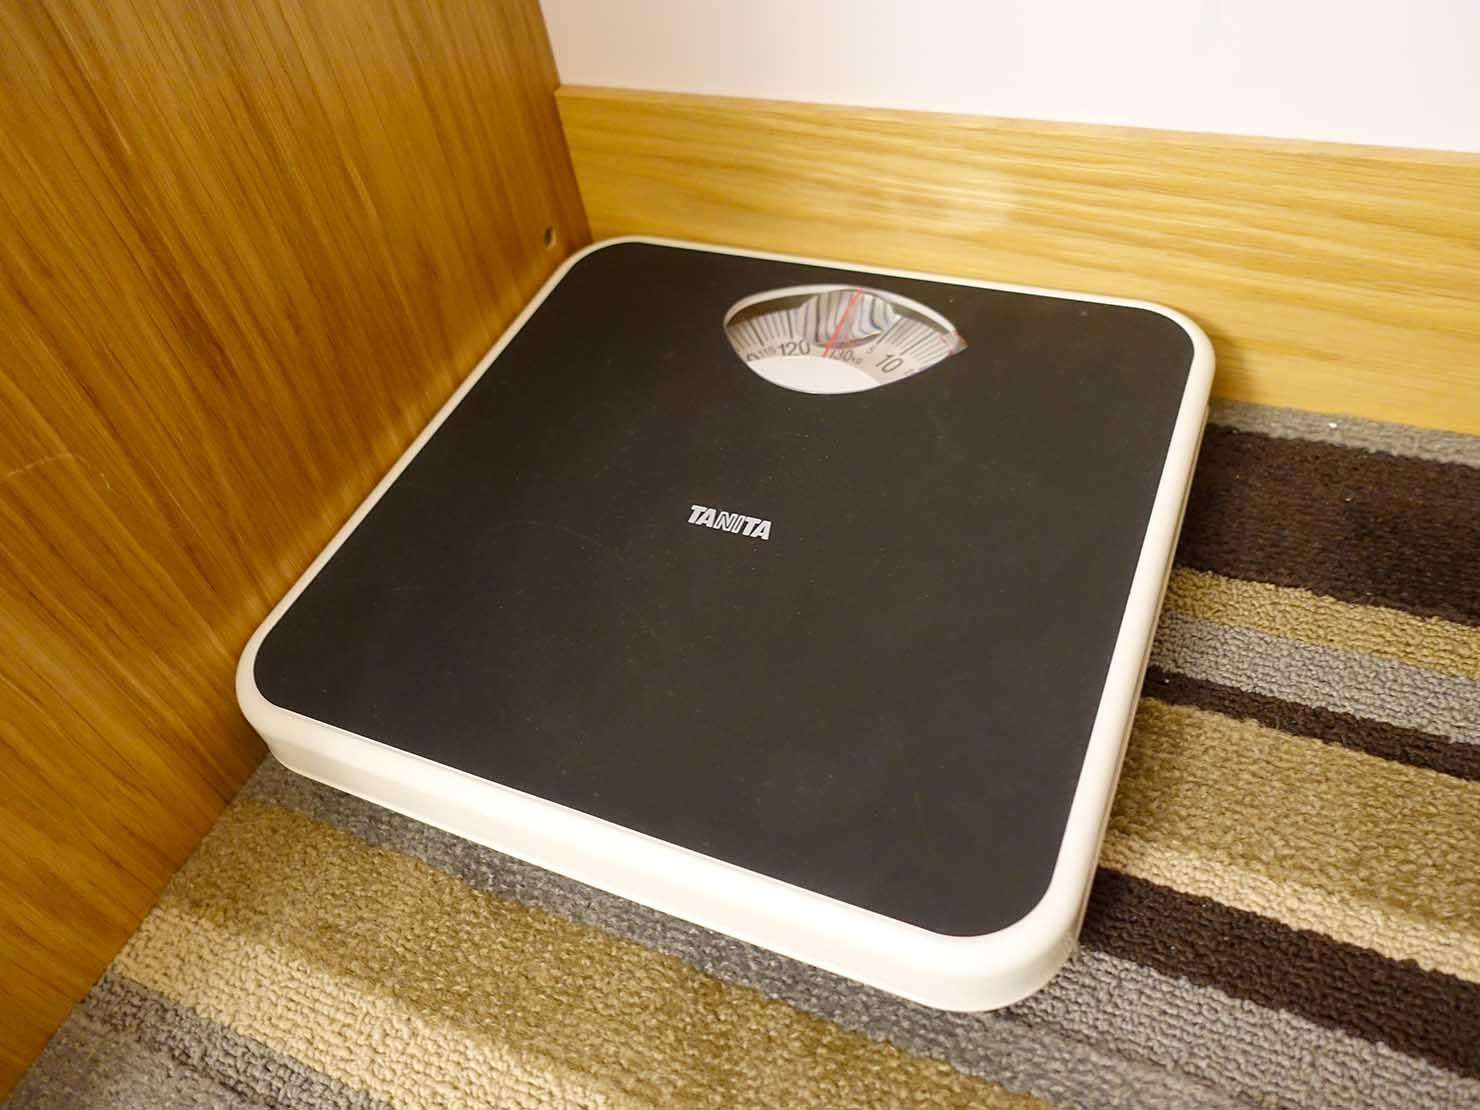 台中のおすすめホテル「卡爾登飯店 The Carlton」デラックスダブルルームの体重計